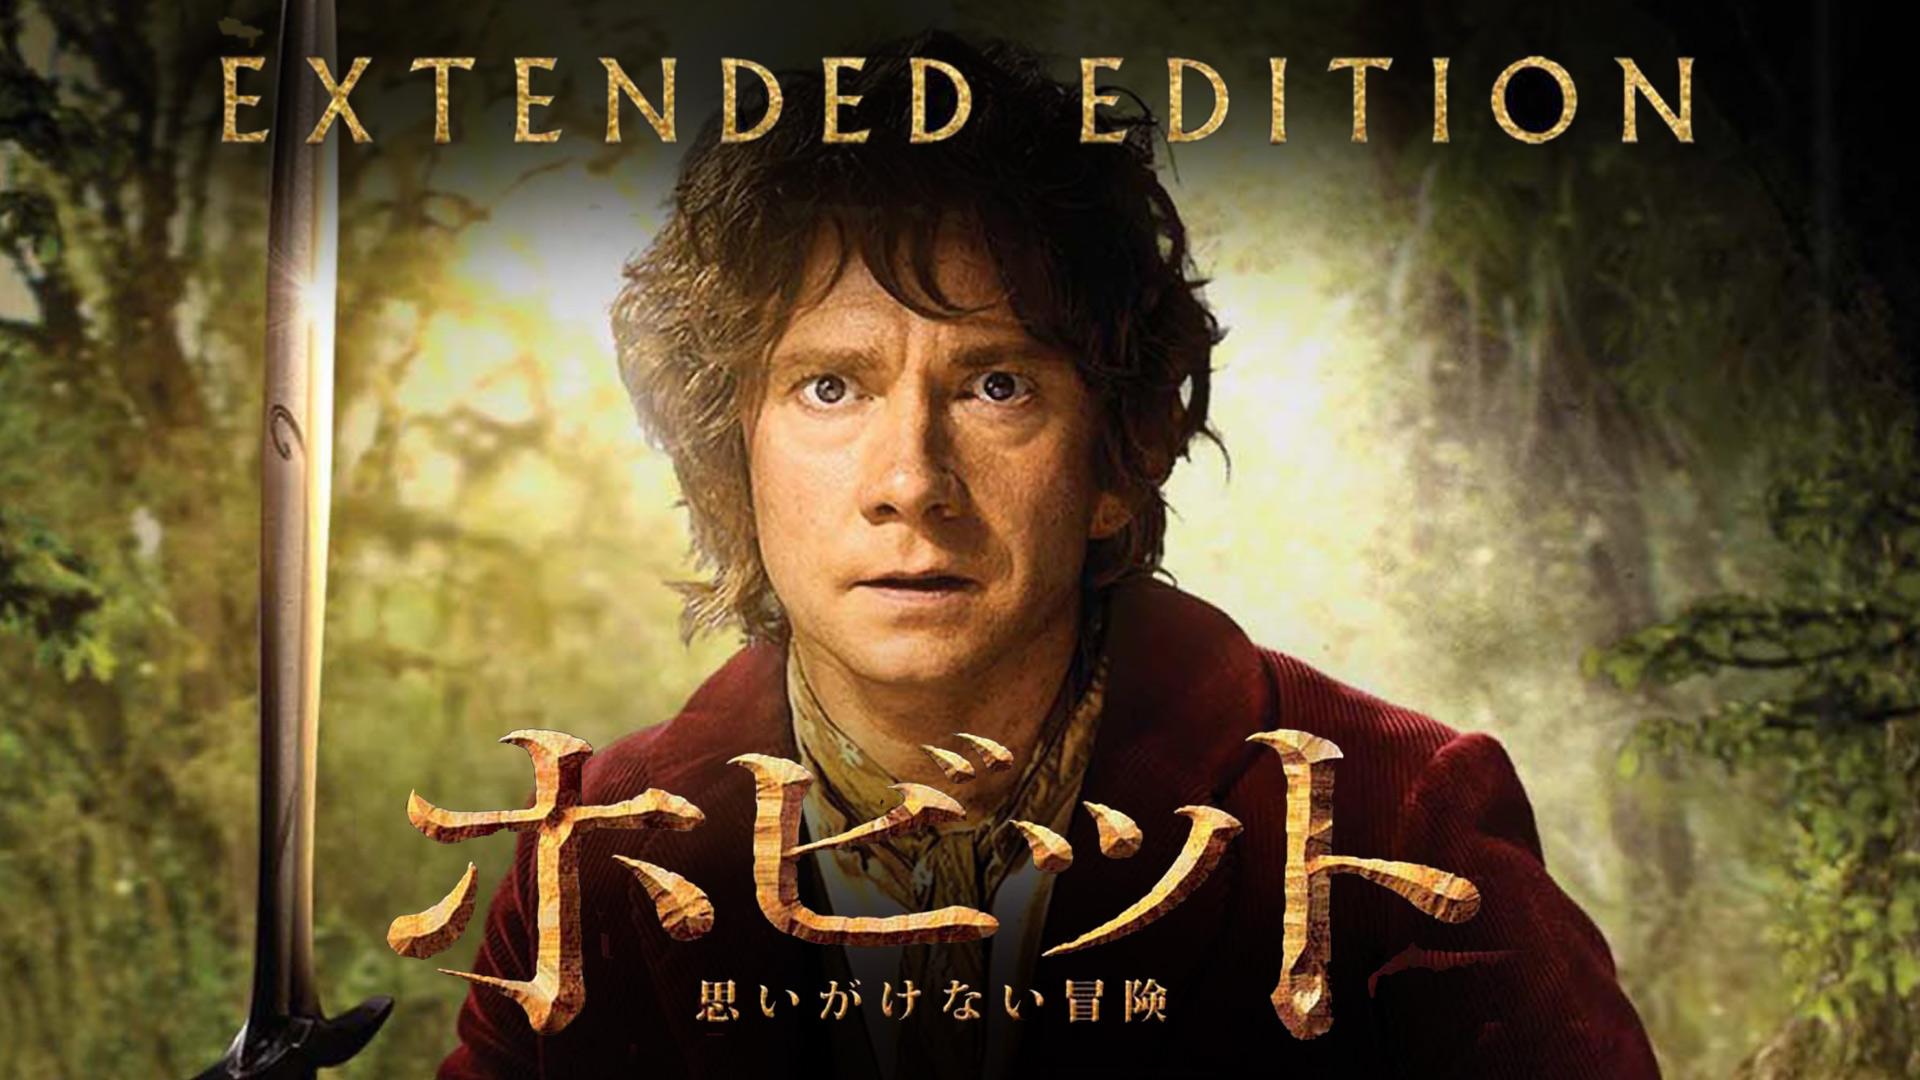 ホビット 思いがけない冒険 エクステンデッド・エディション(字幕版)